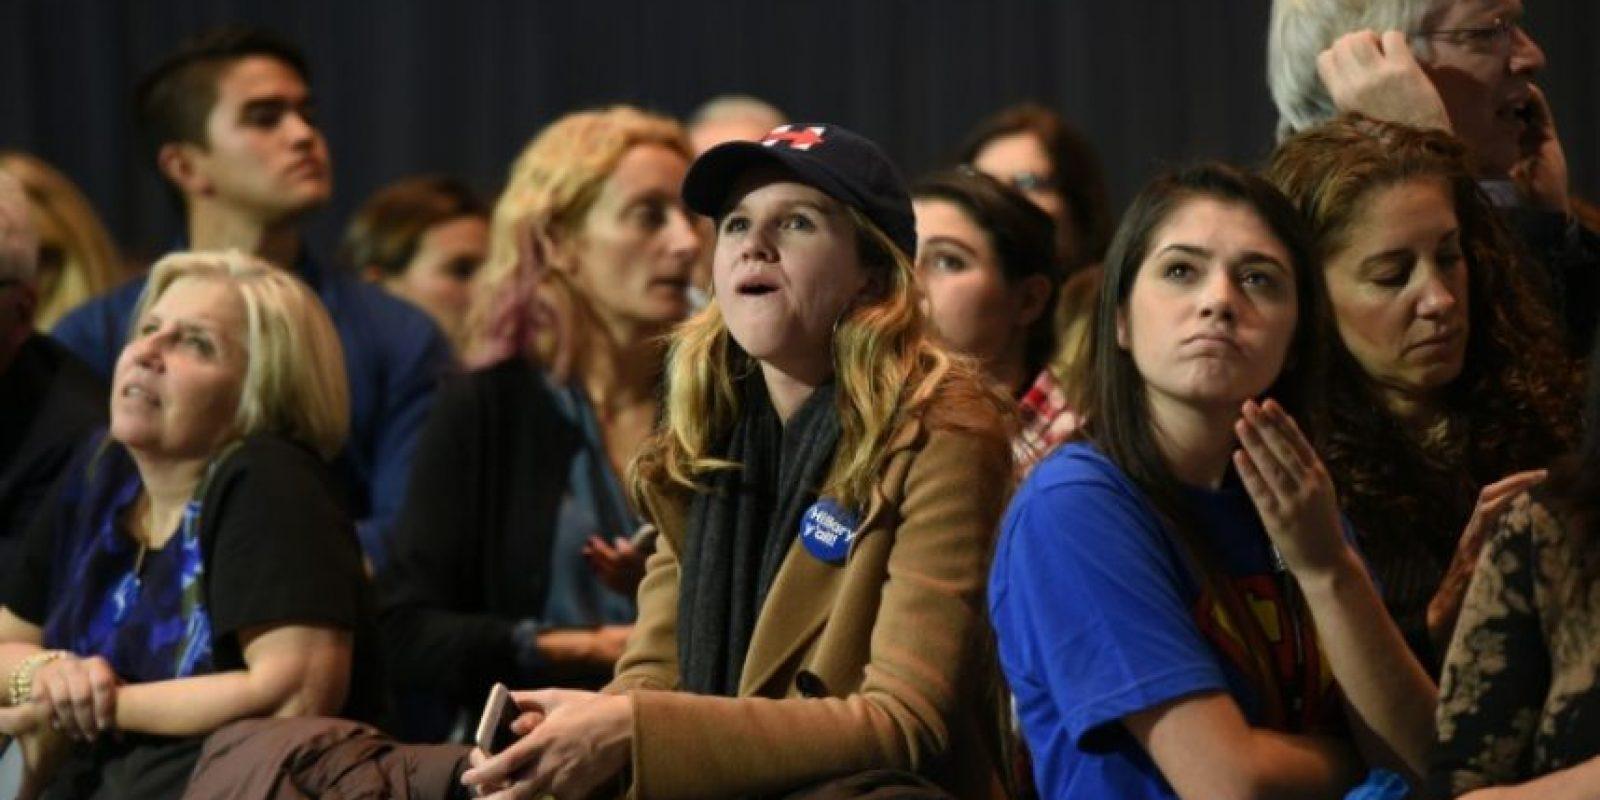 Un grupo de mujeres se lamenta por los resultados de la elección presidencial, el 8 de noviembre de 2016, en el centro de convenciones Jacob K. Javits de Nueva York Foto:DON EMMERT/afp.com